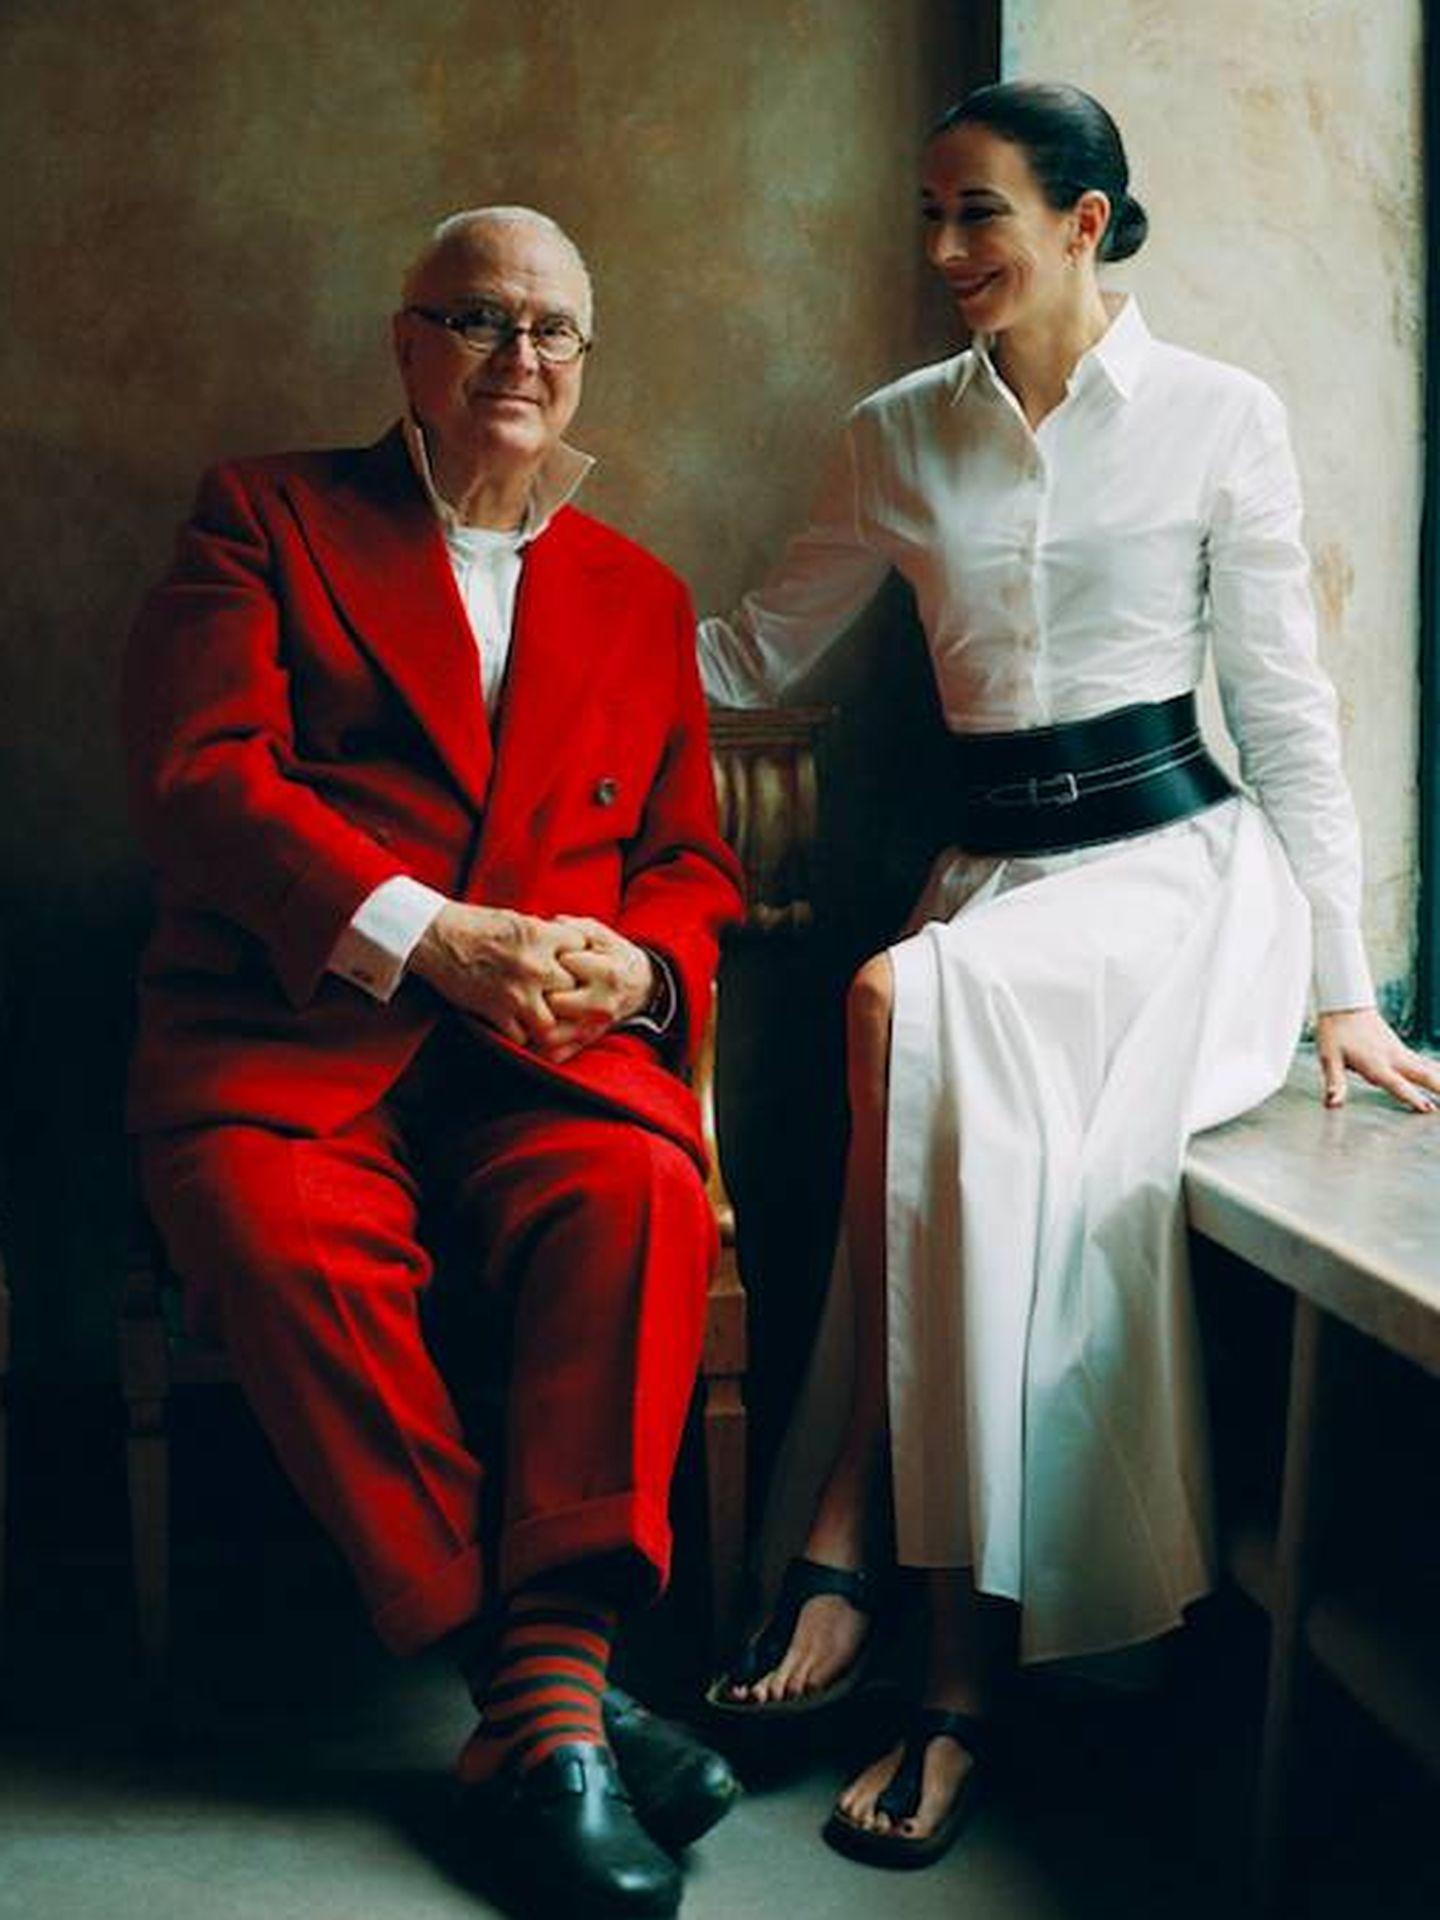 Manolo y Kristina Blahnik. (Cortesía Birkenstock)